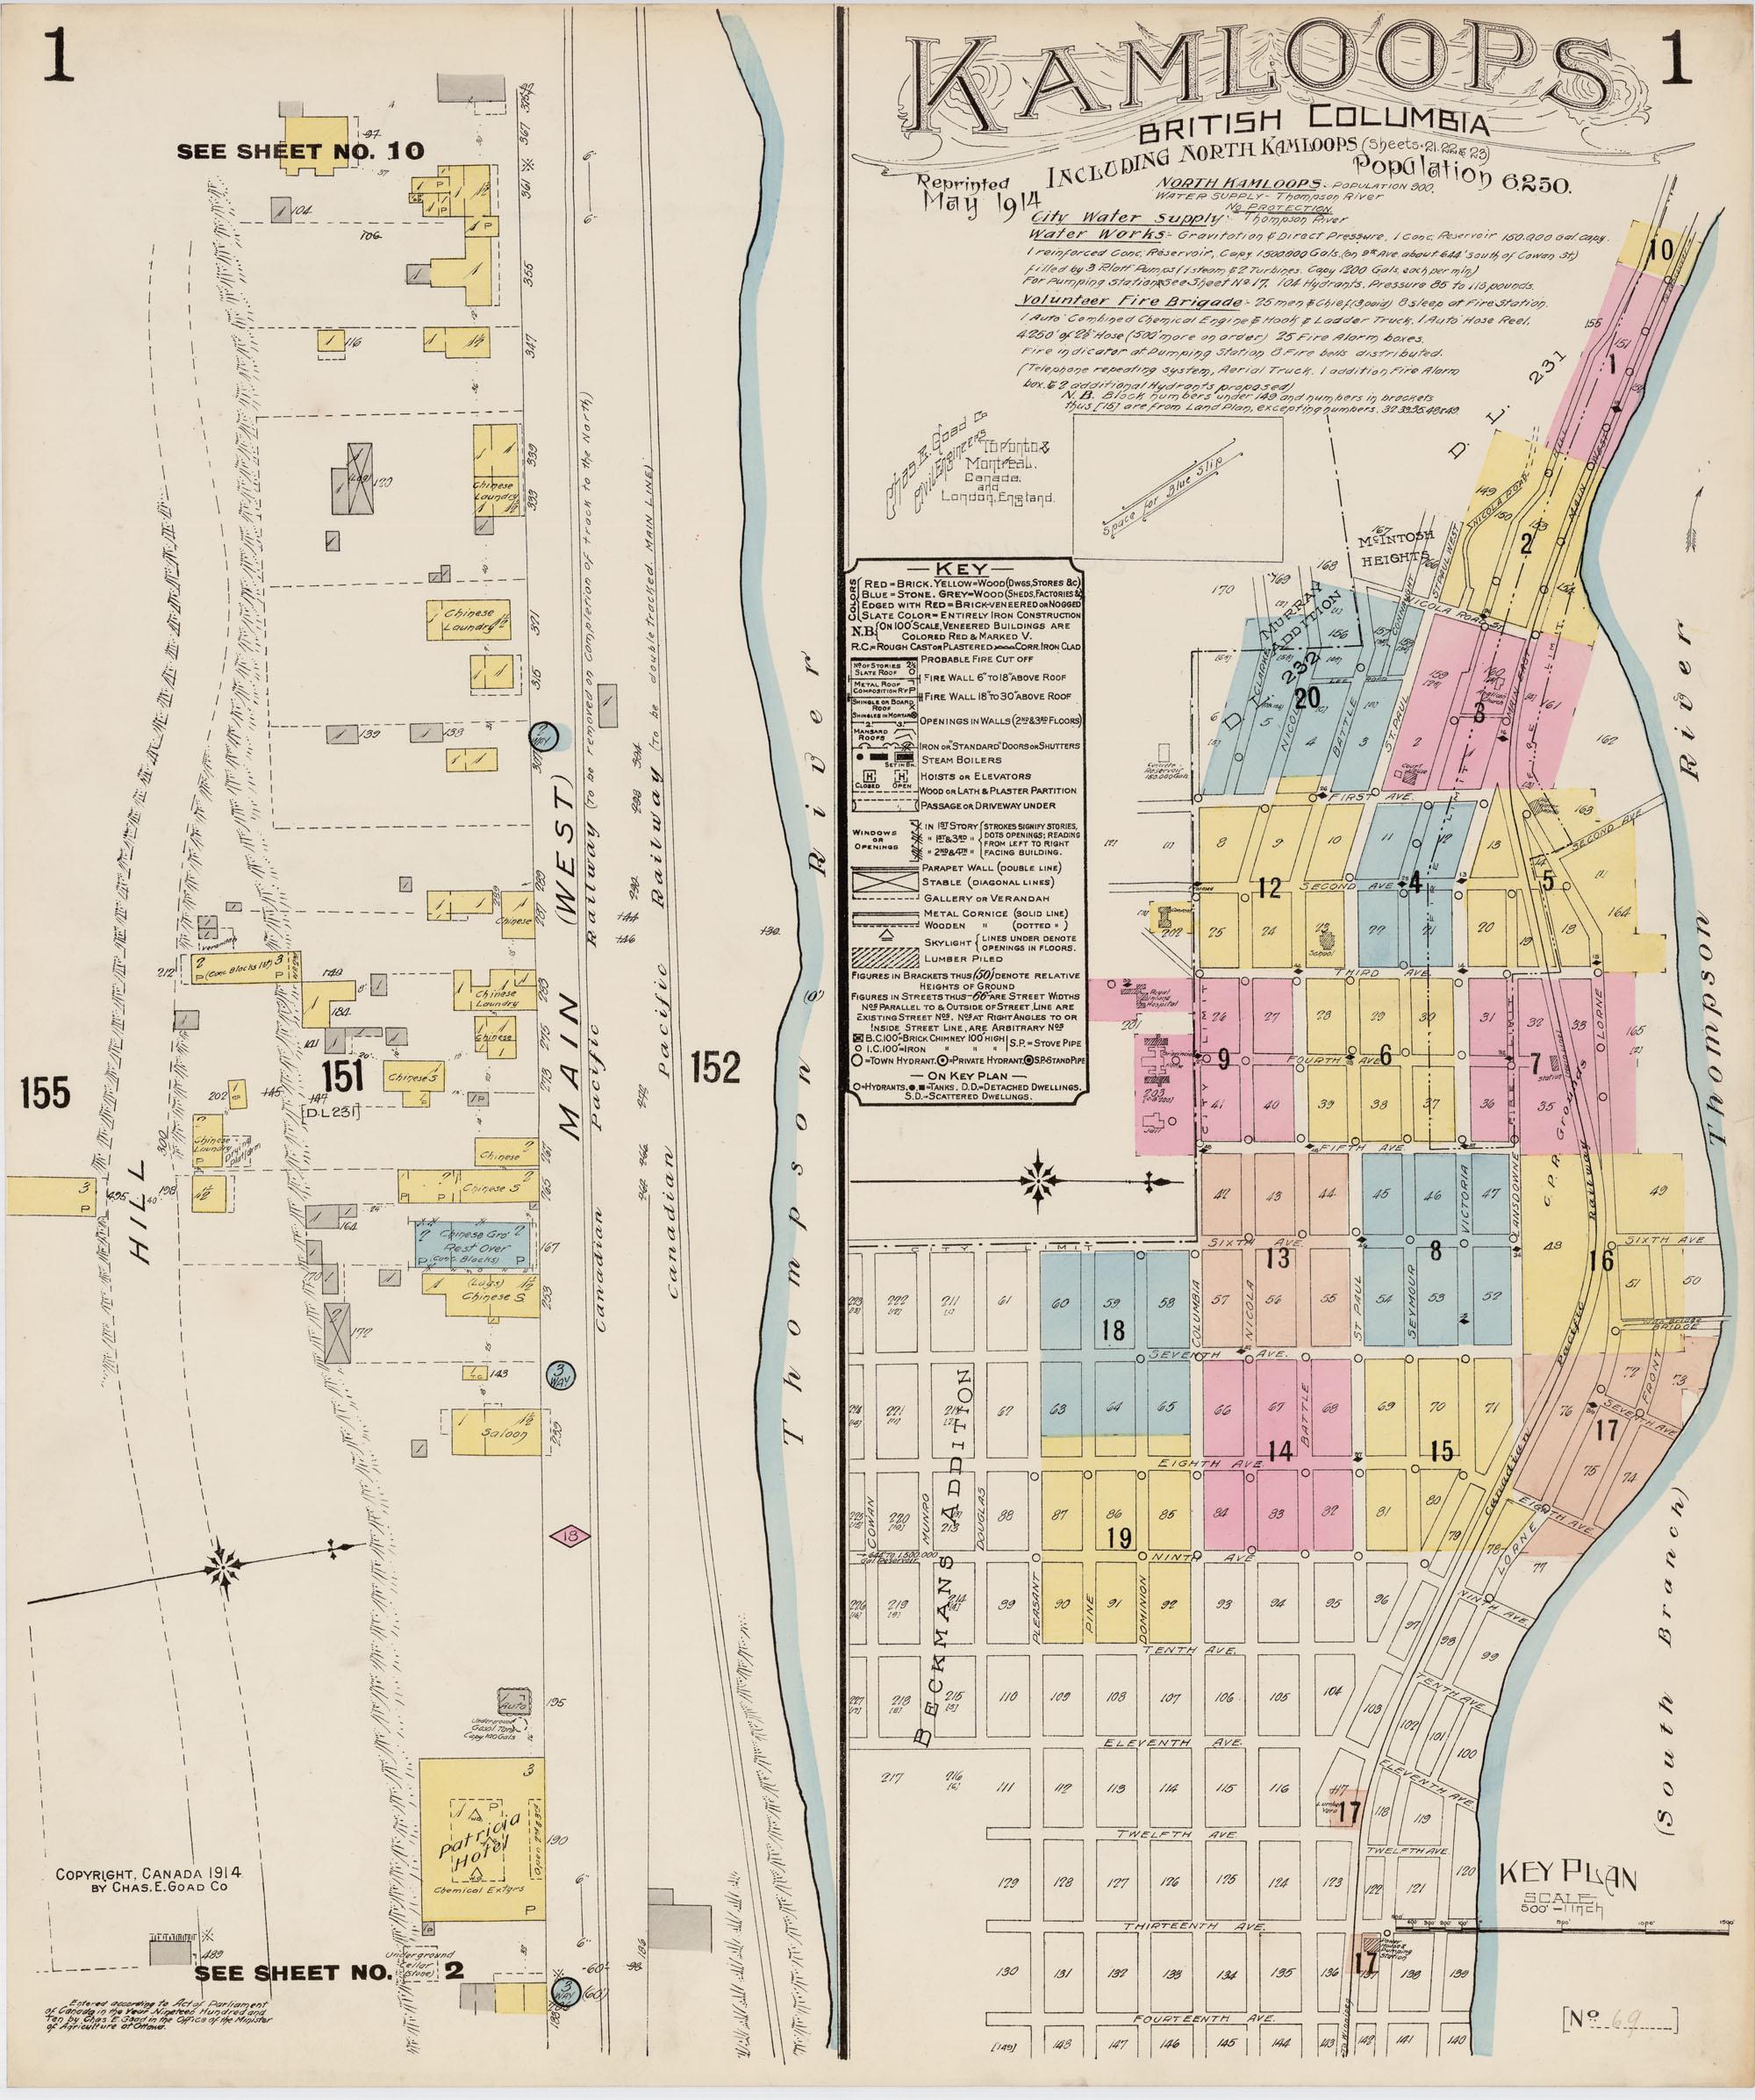 Carte à code de couleurs représentant les rues et les bâtiments d'une partie de la ville de Kamloops.